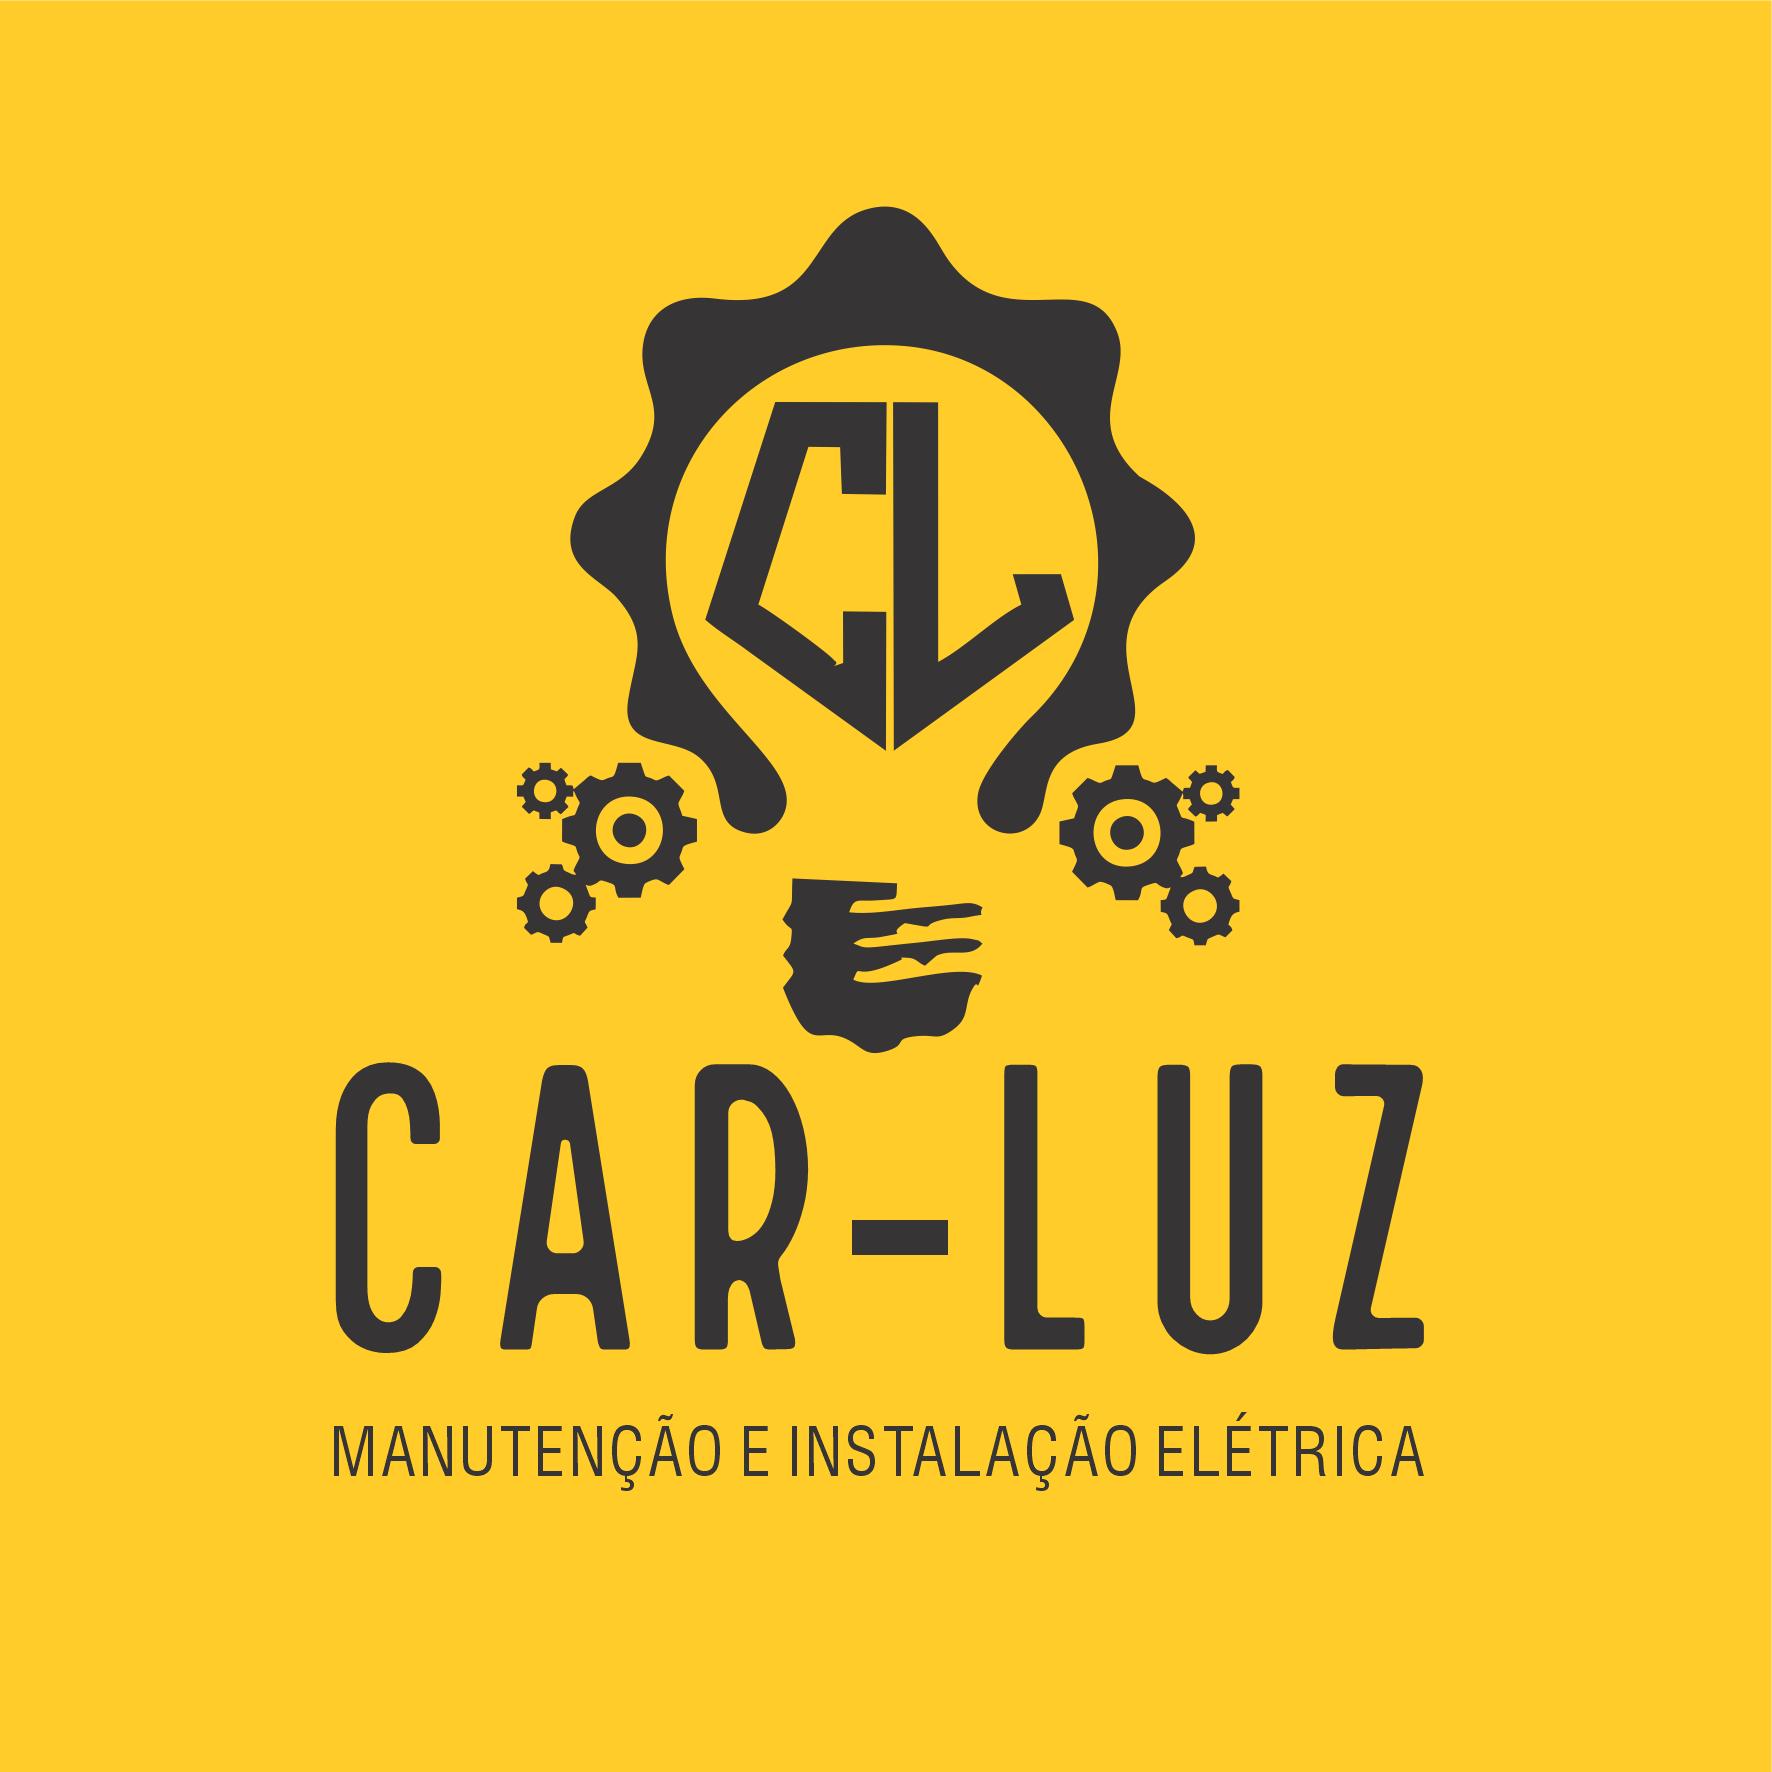 Logotipo Eletricista Instalação Elétrica